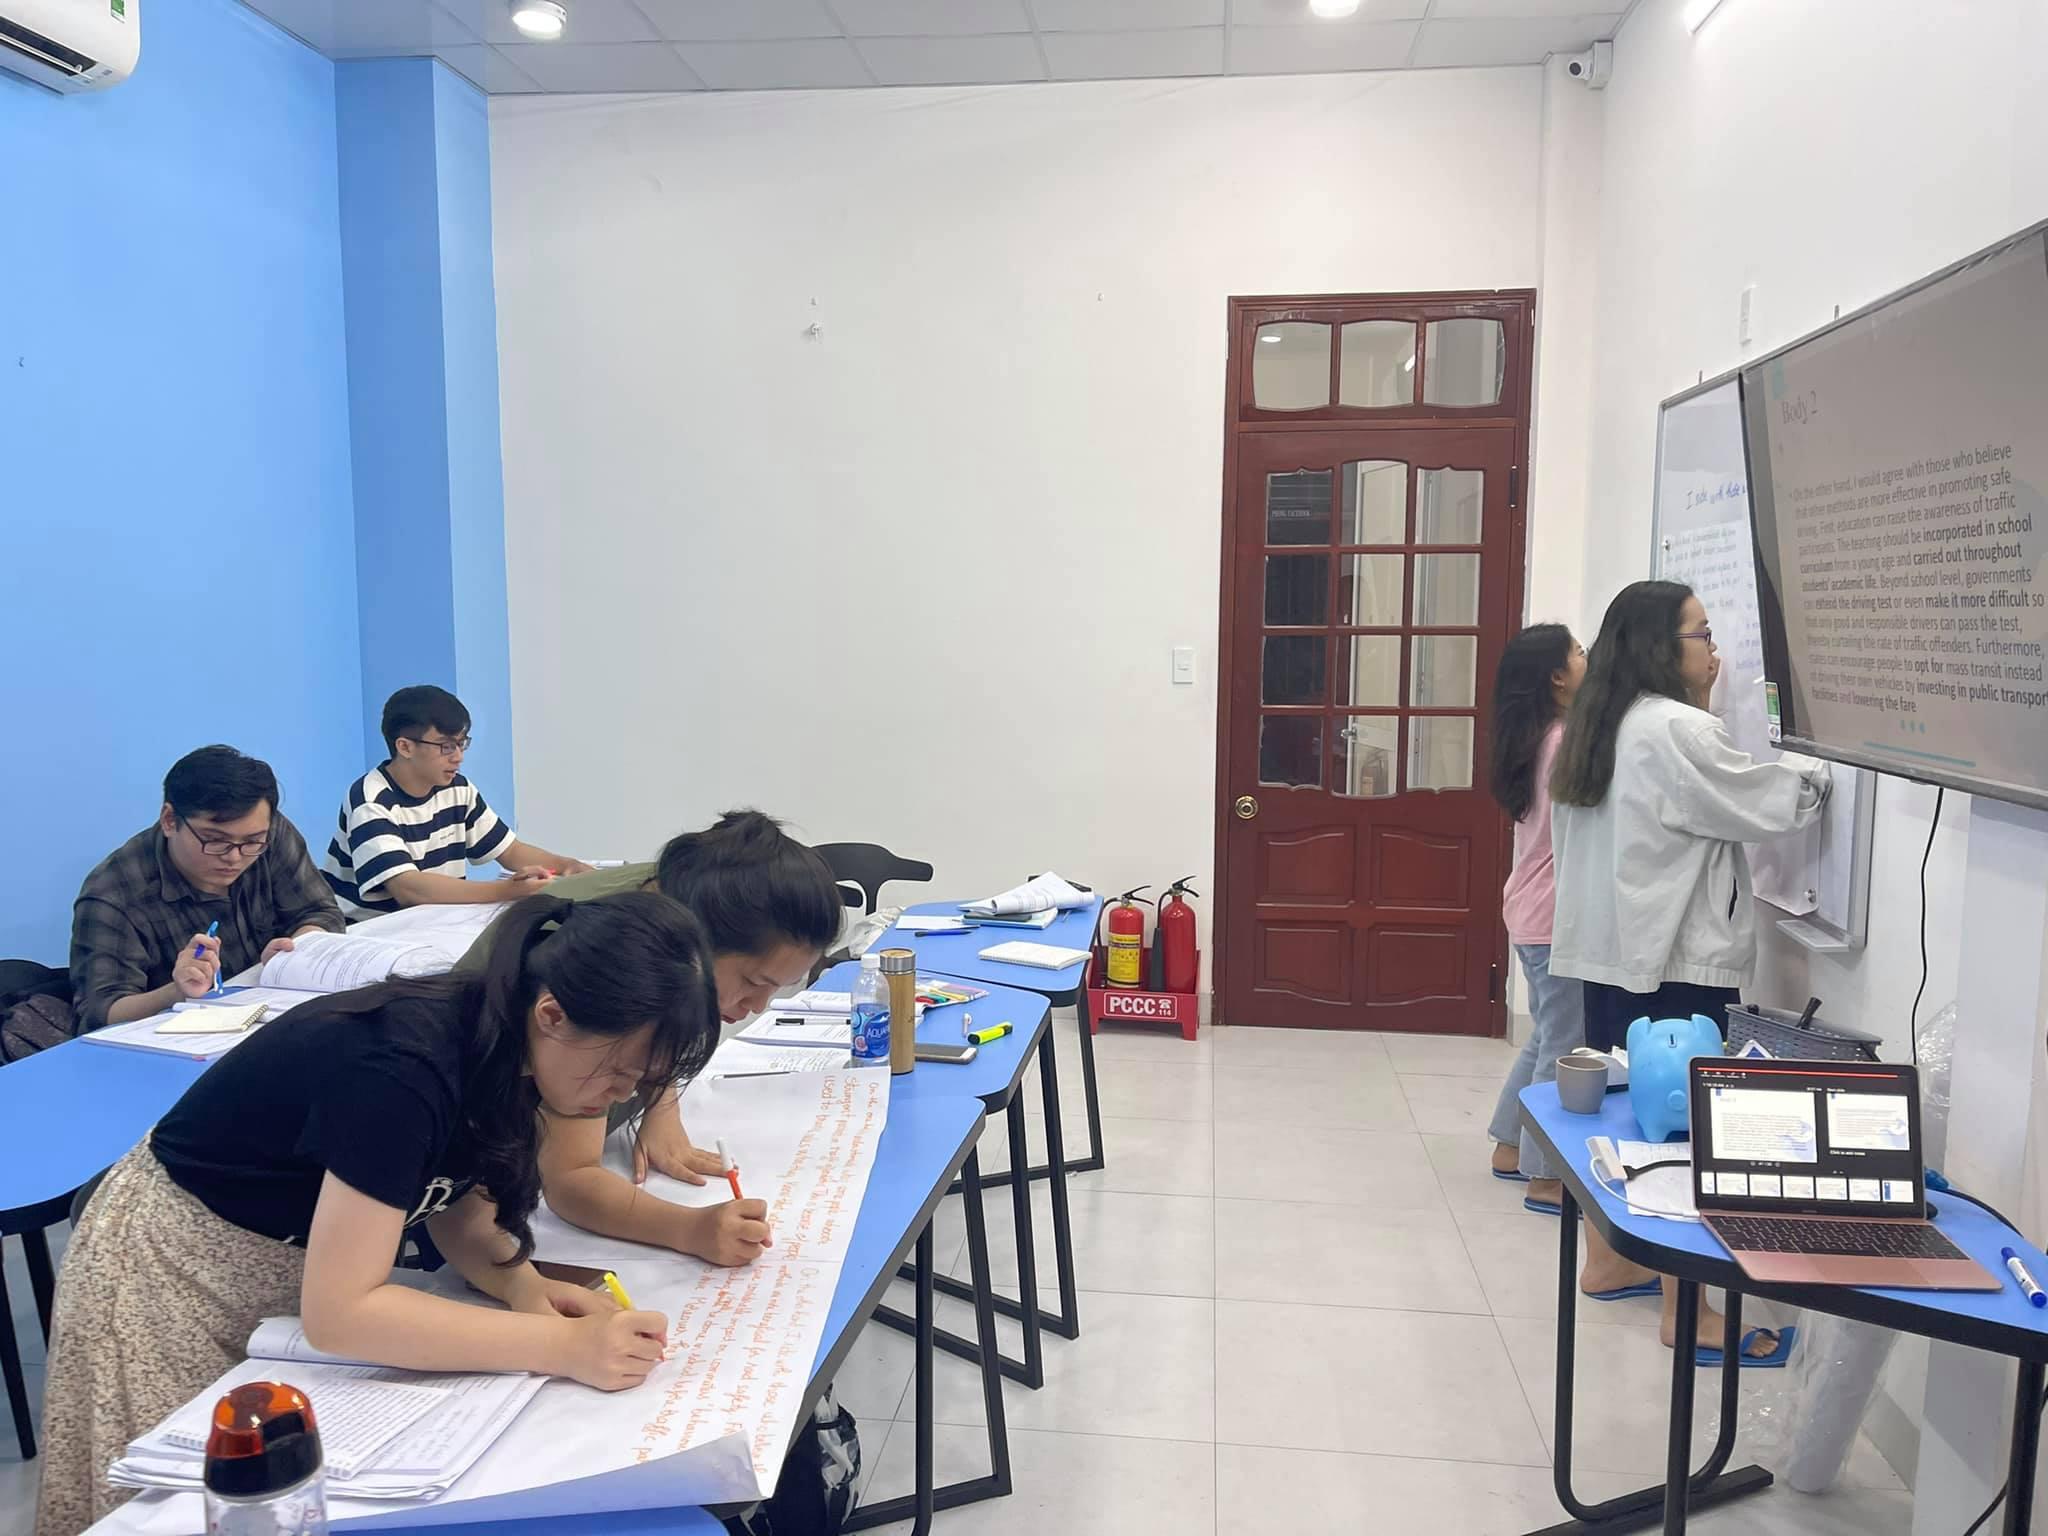 phương pháp dạy và học IELTS Writing hiệu quả